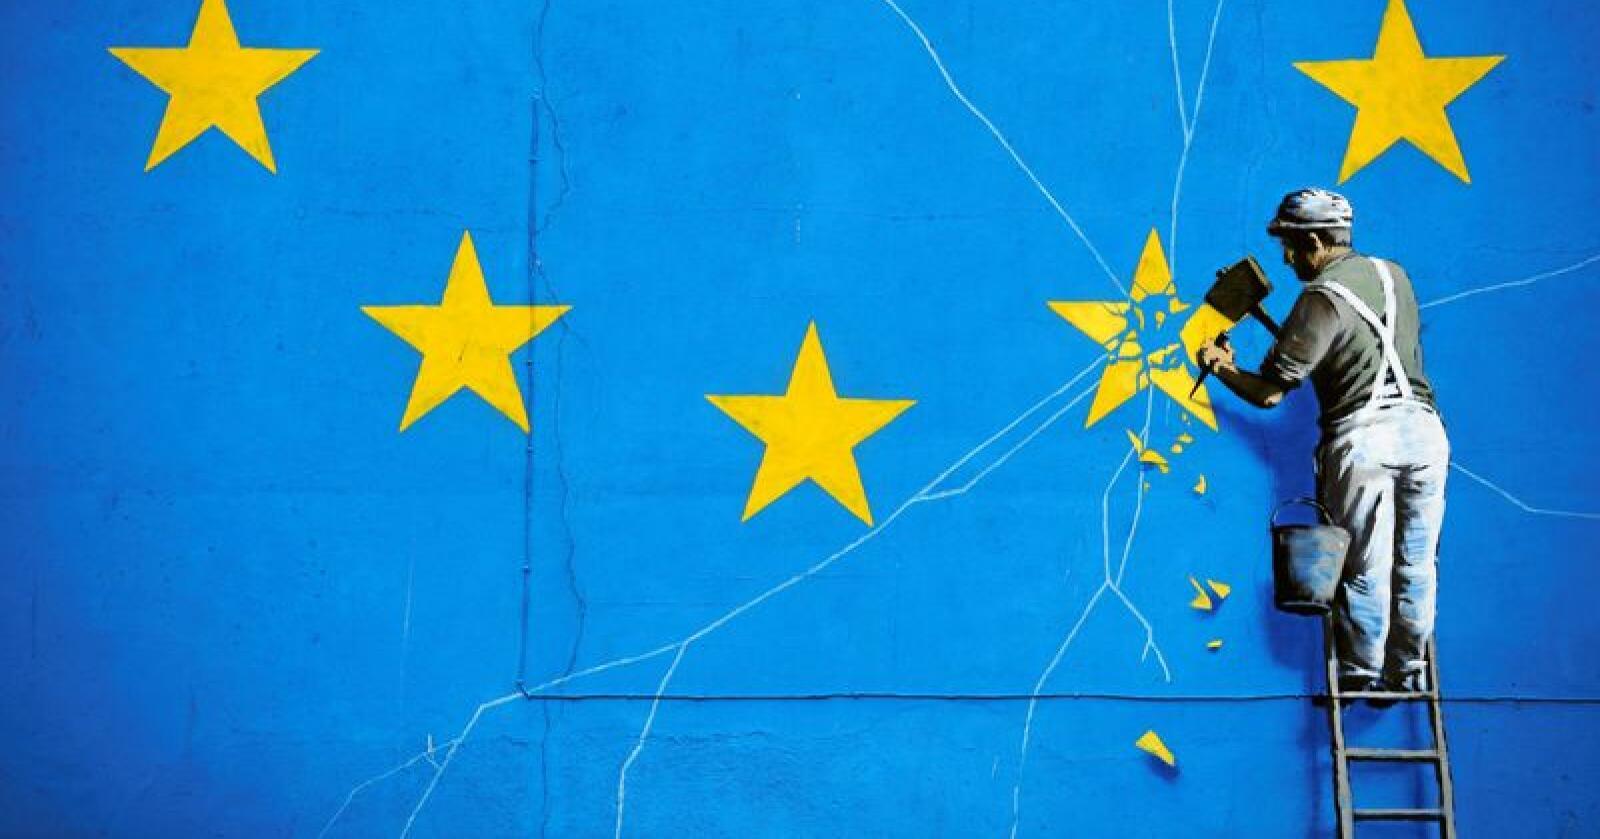 Ifølge avisen Telegraph diskuterer britene og EU mulighetene for å forsinke utmeldingen. Illustrasjonsfoto: AP / NTB scanpix